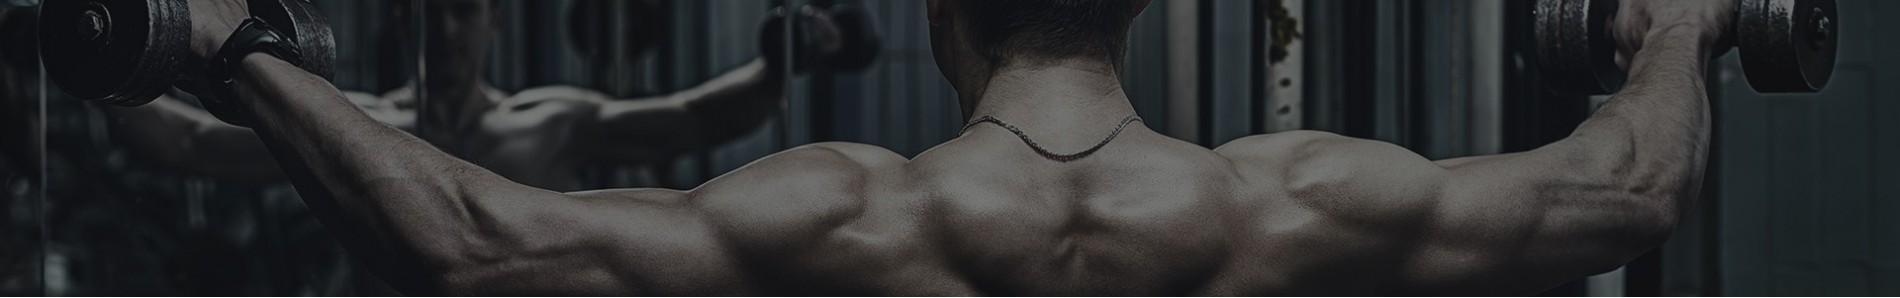 Bancs De Musculation Care Fitness